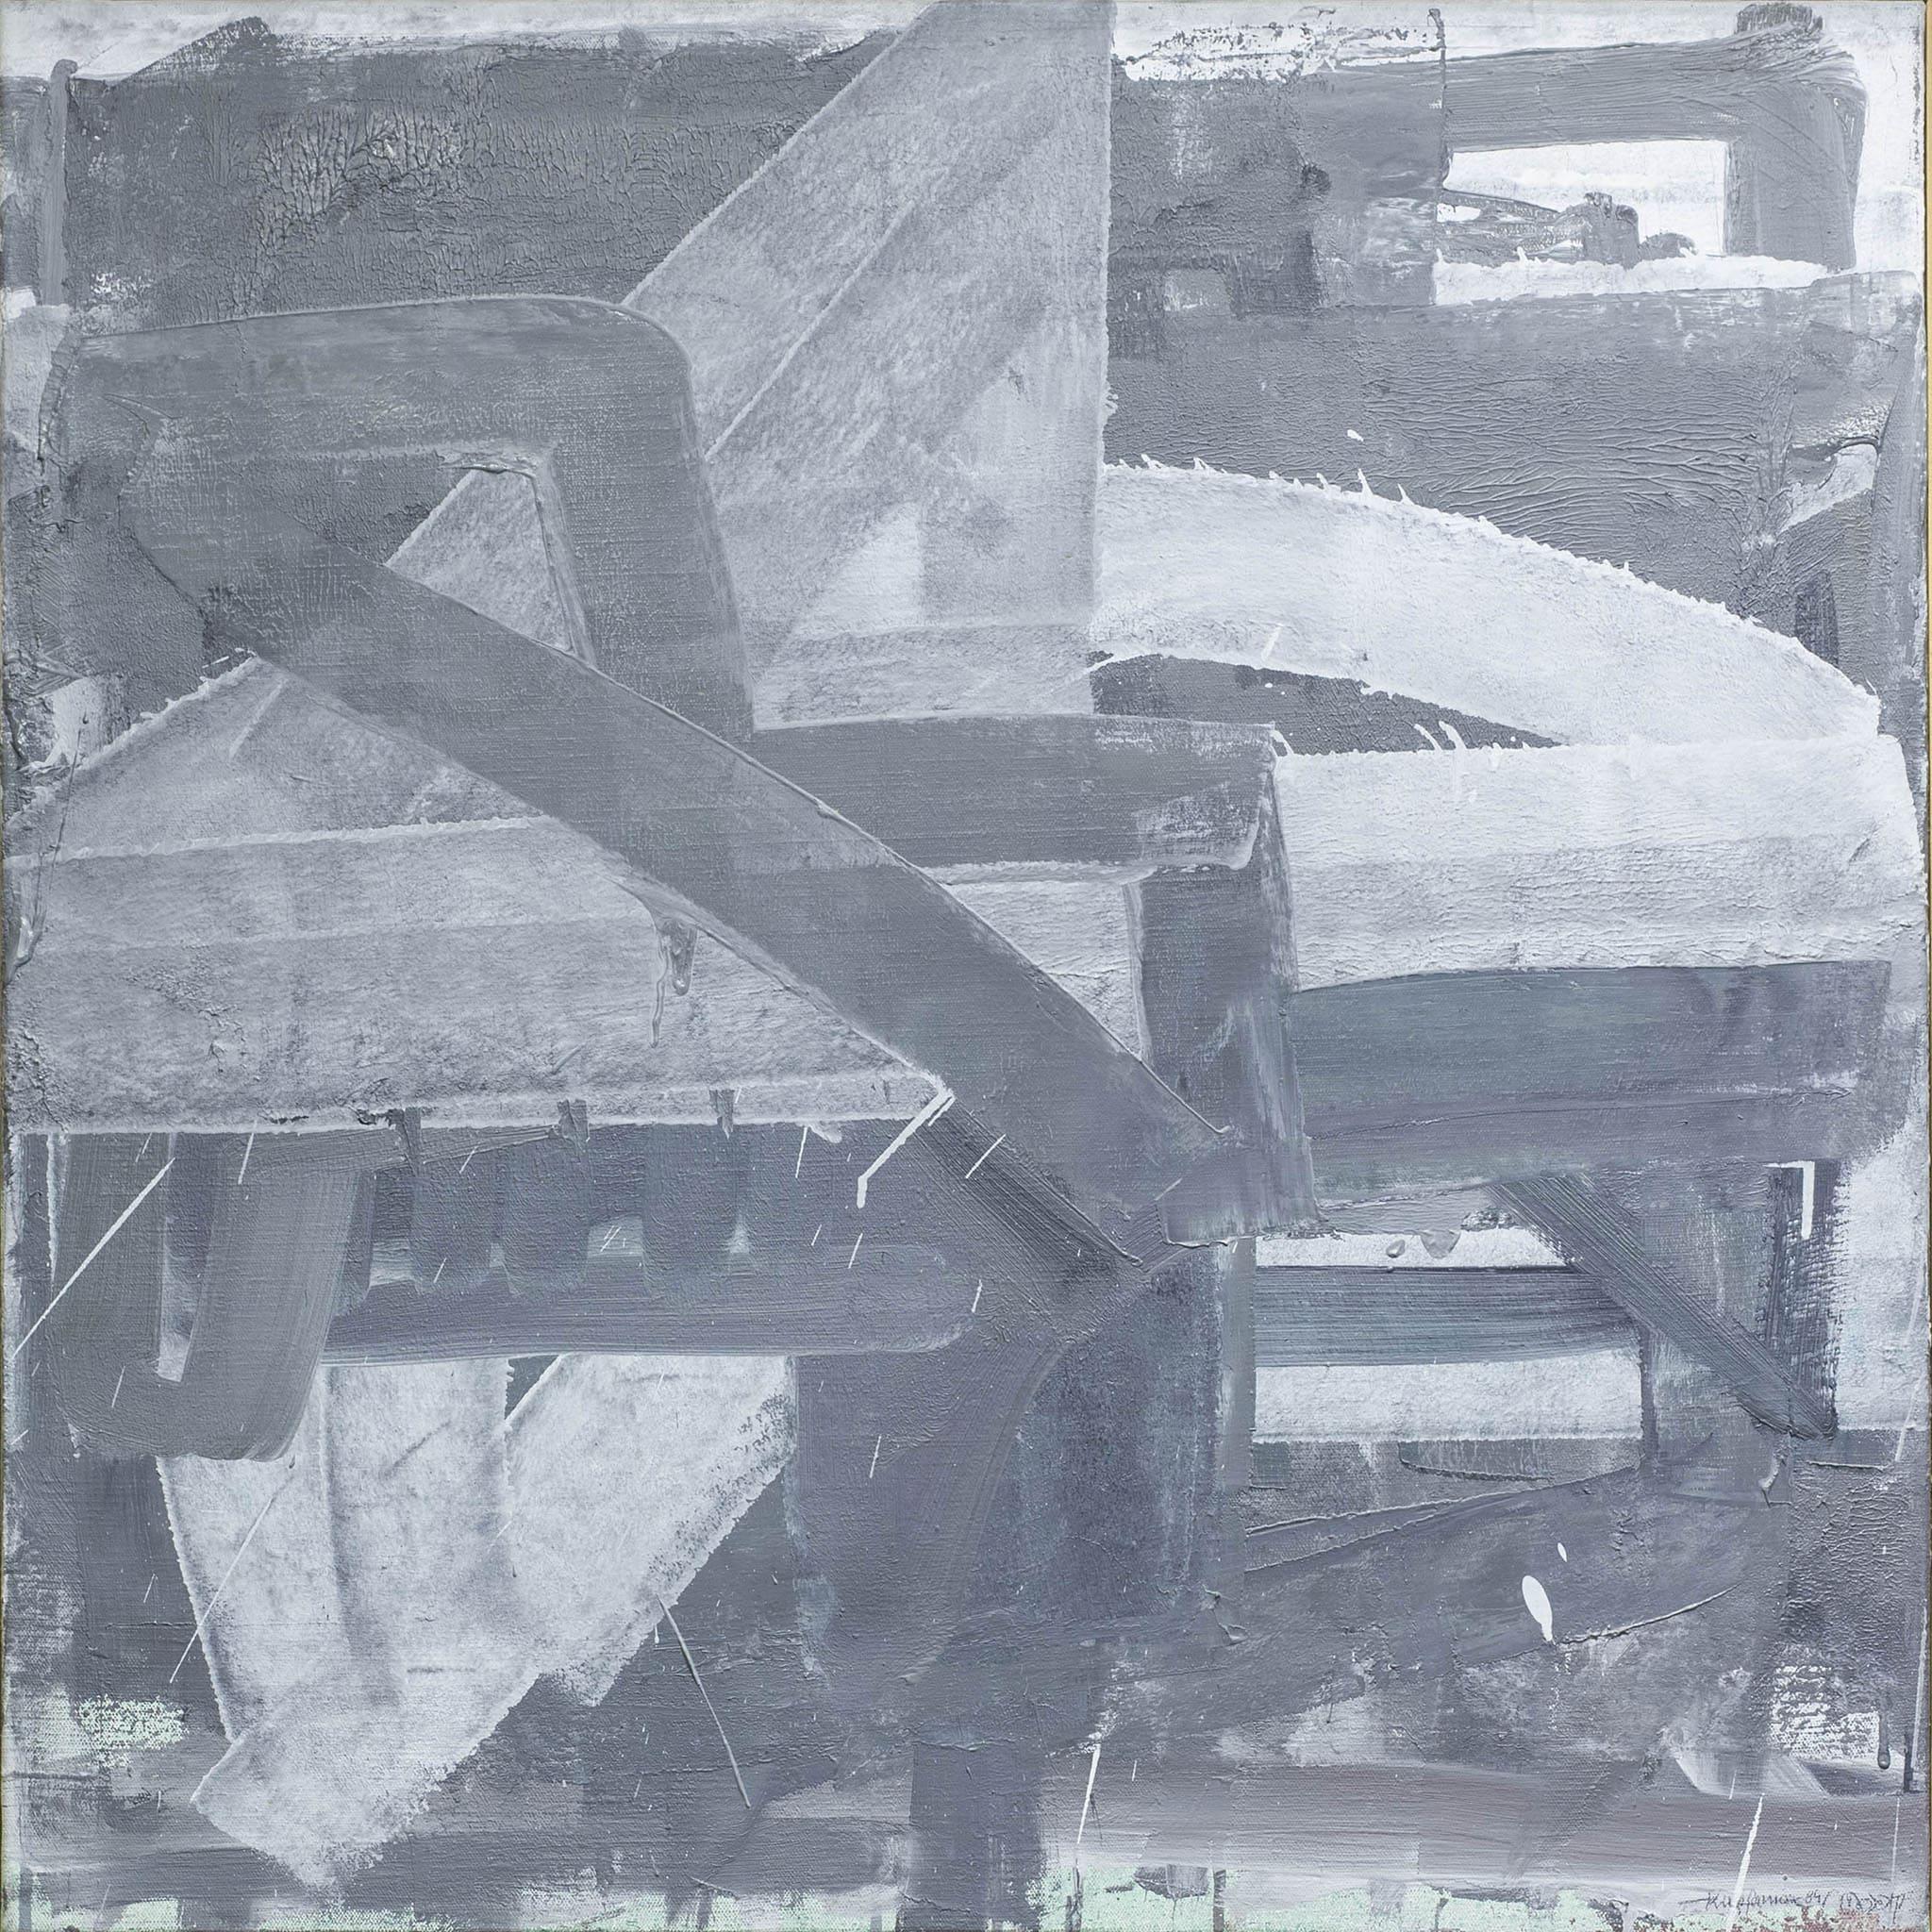 """משה קופפרמן, """"ללא כותרת"""", 1984, שמן על בד, 80x80 ס""""מ"""